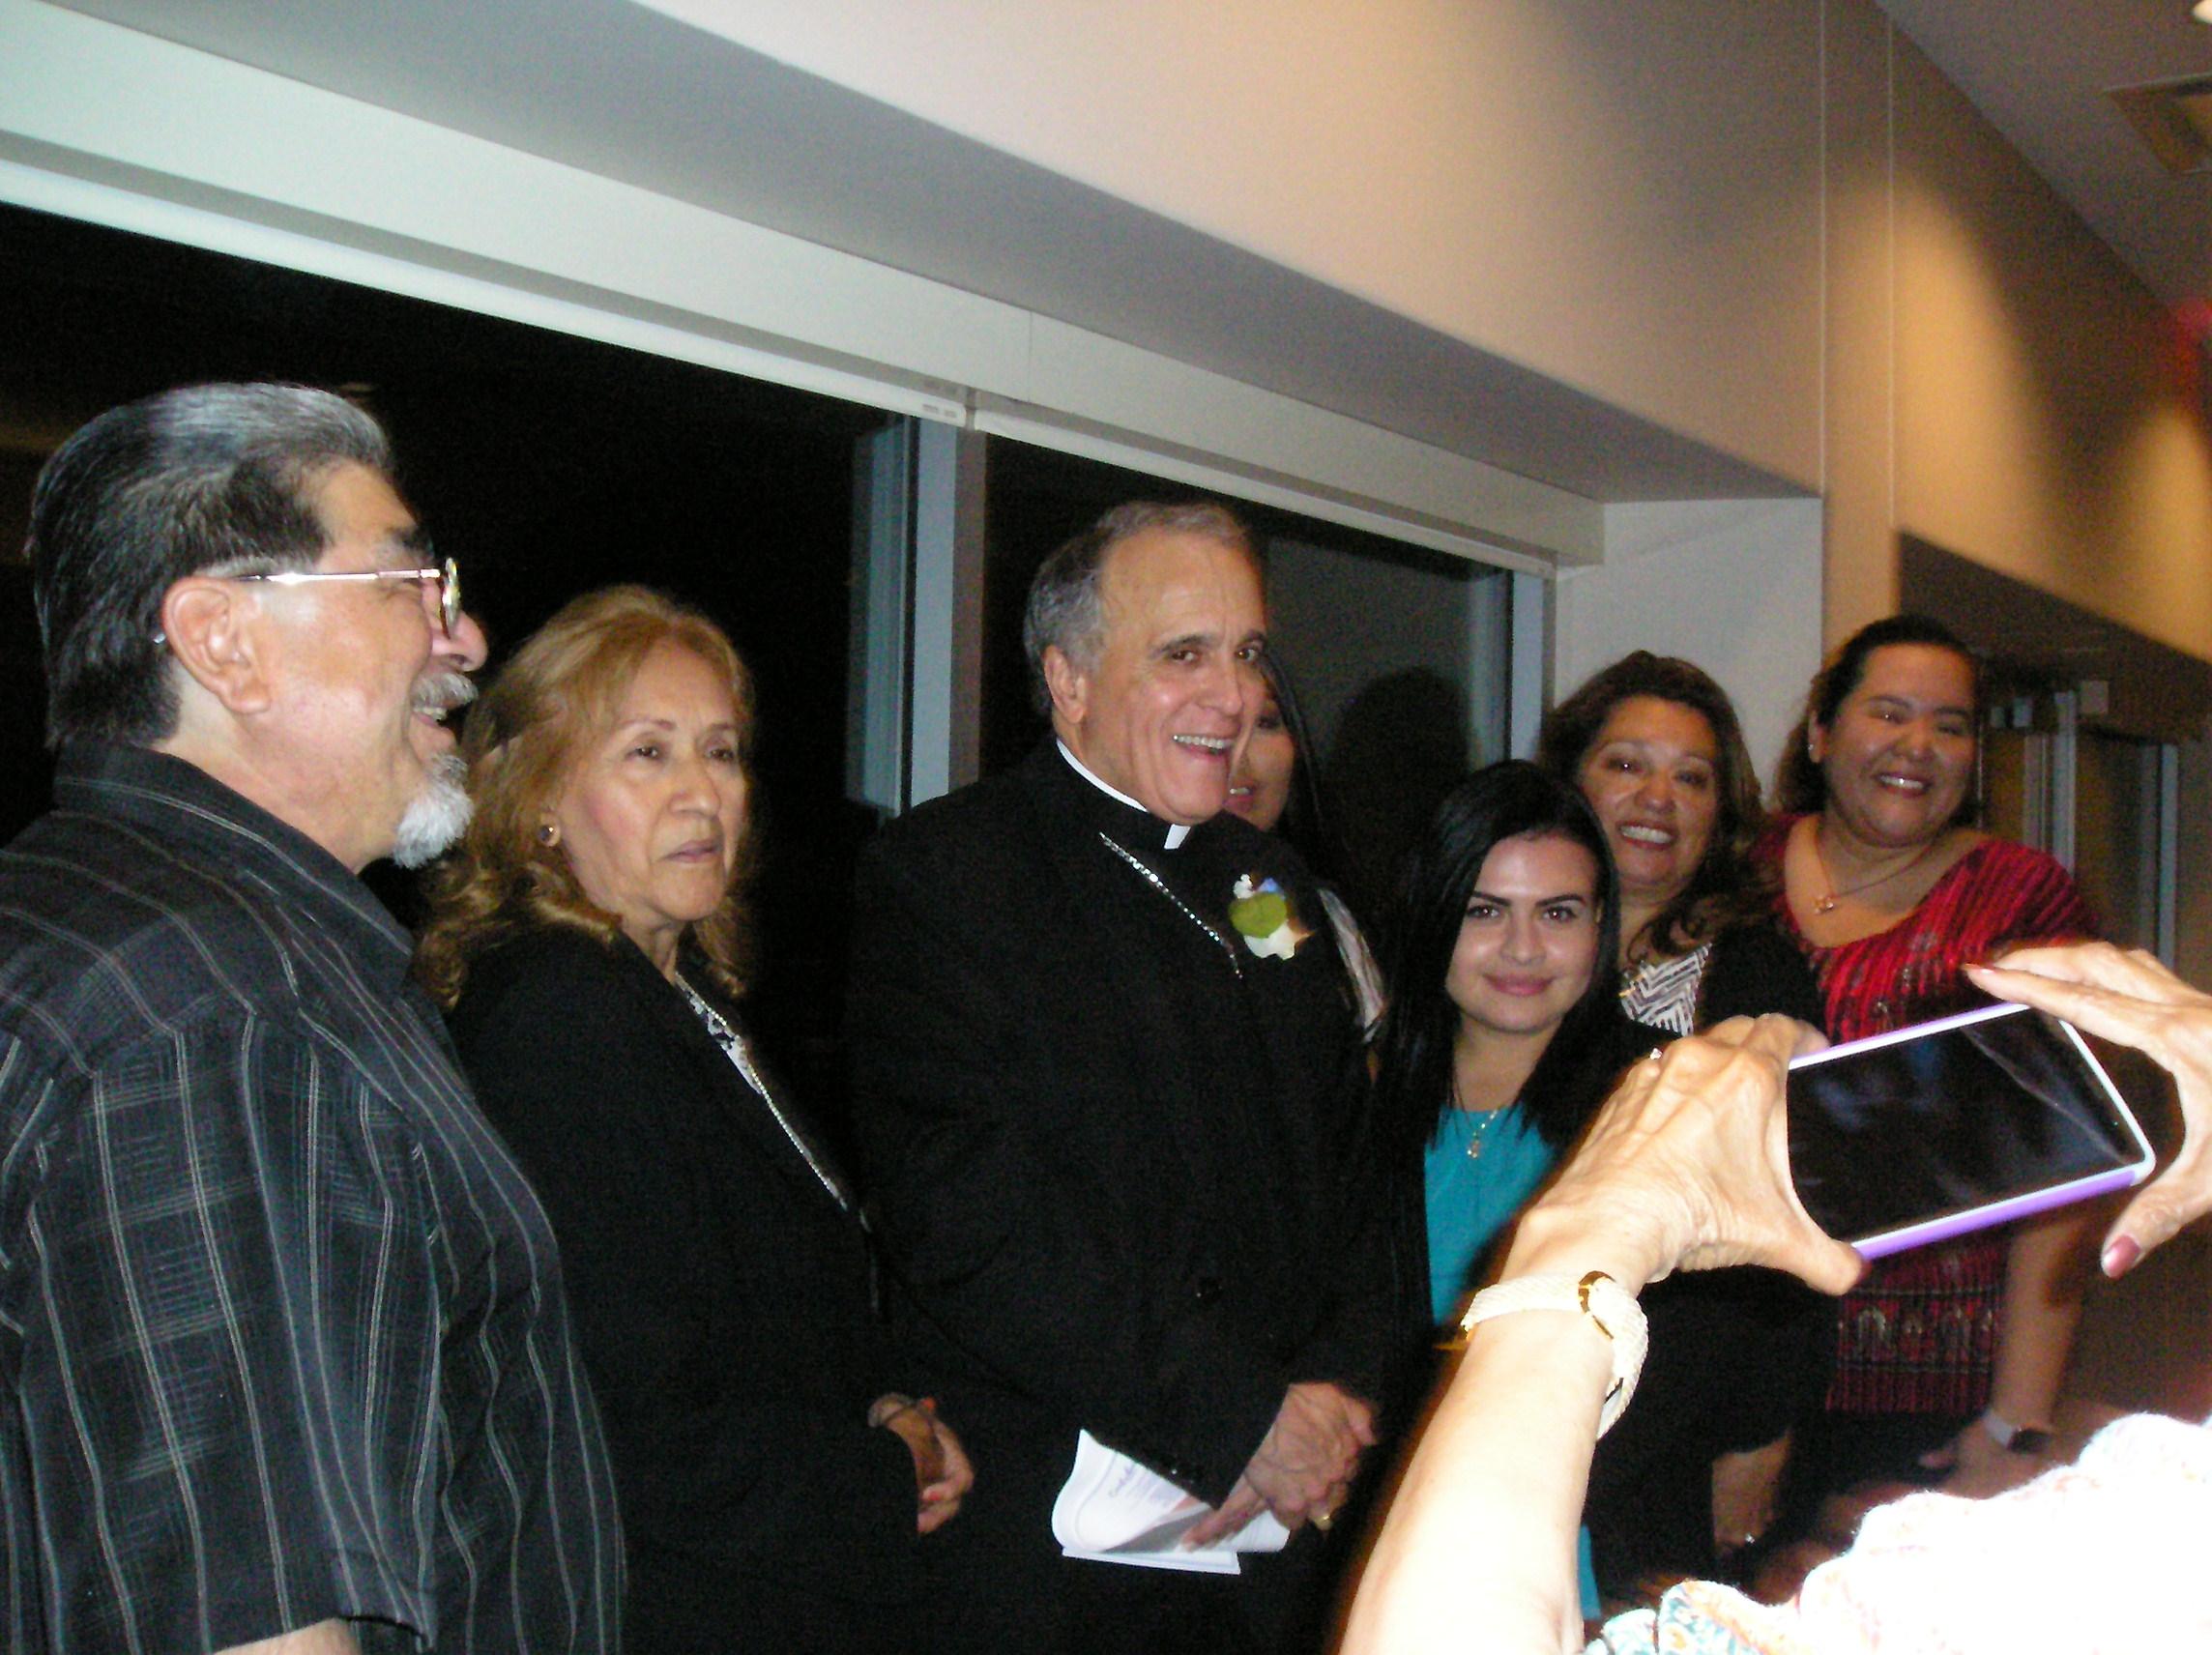 1610_-_TMO_-_Celebration_with_Cardinal_DiNardo.JPG